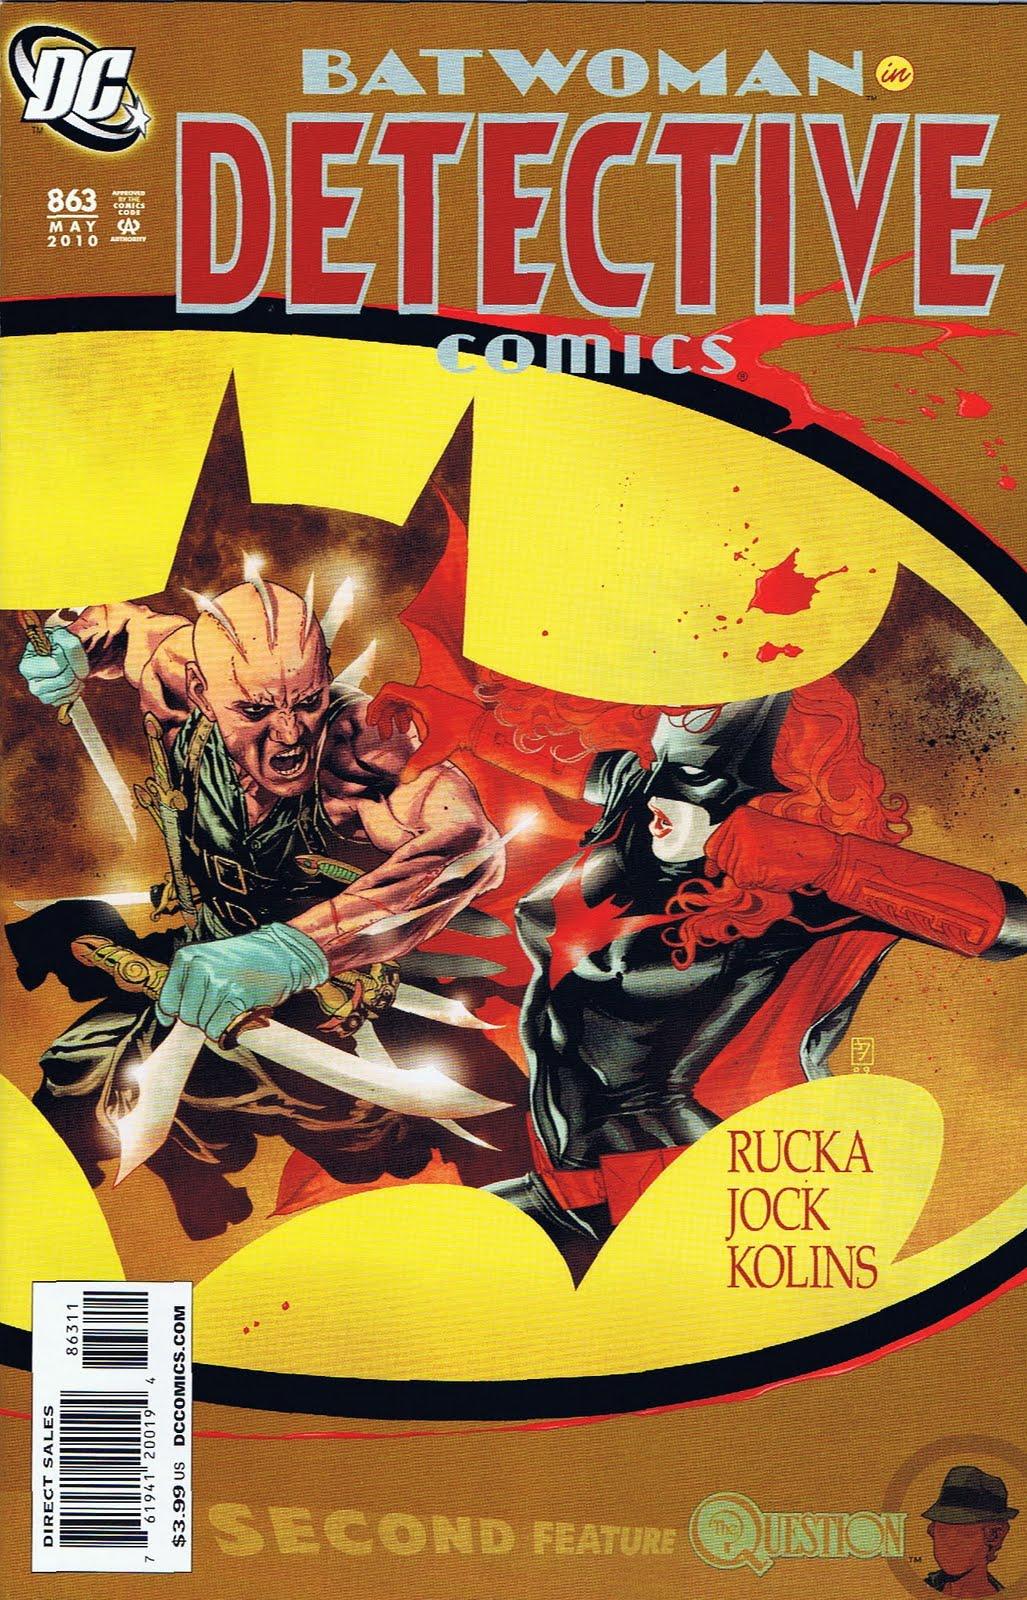 Detective Comics Vol 1 863